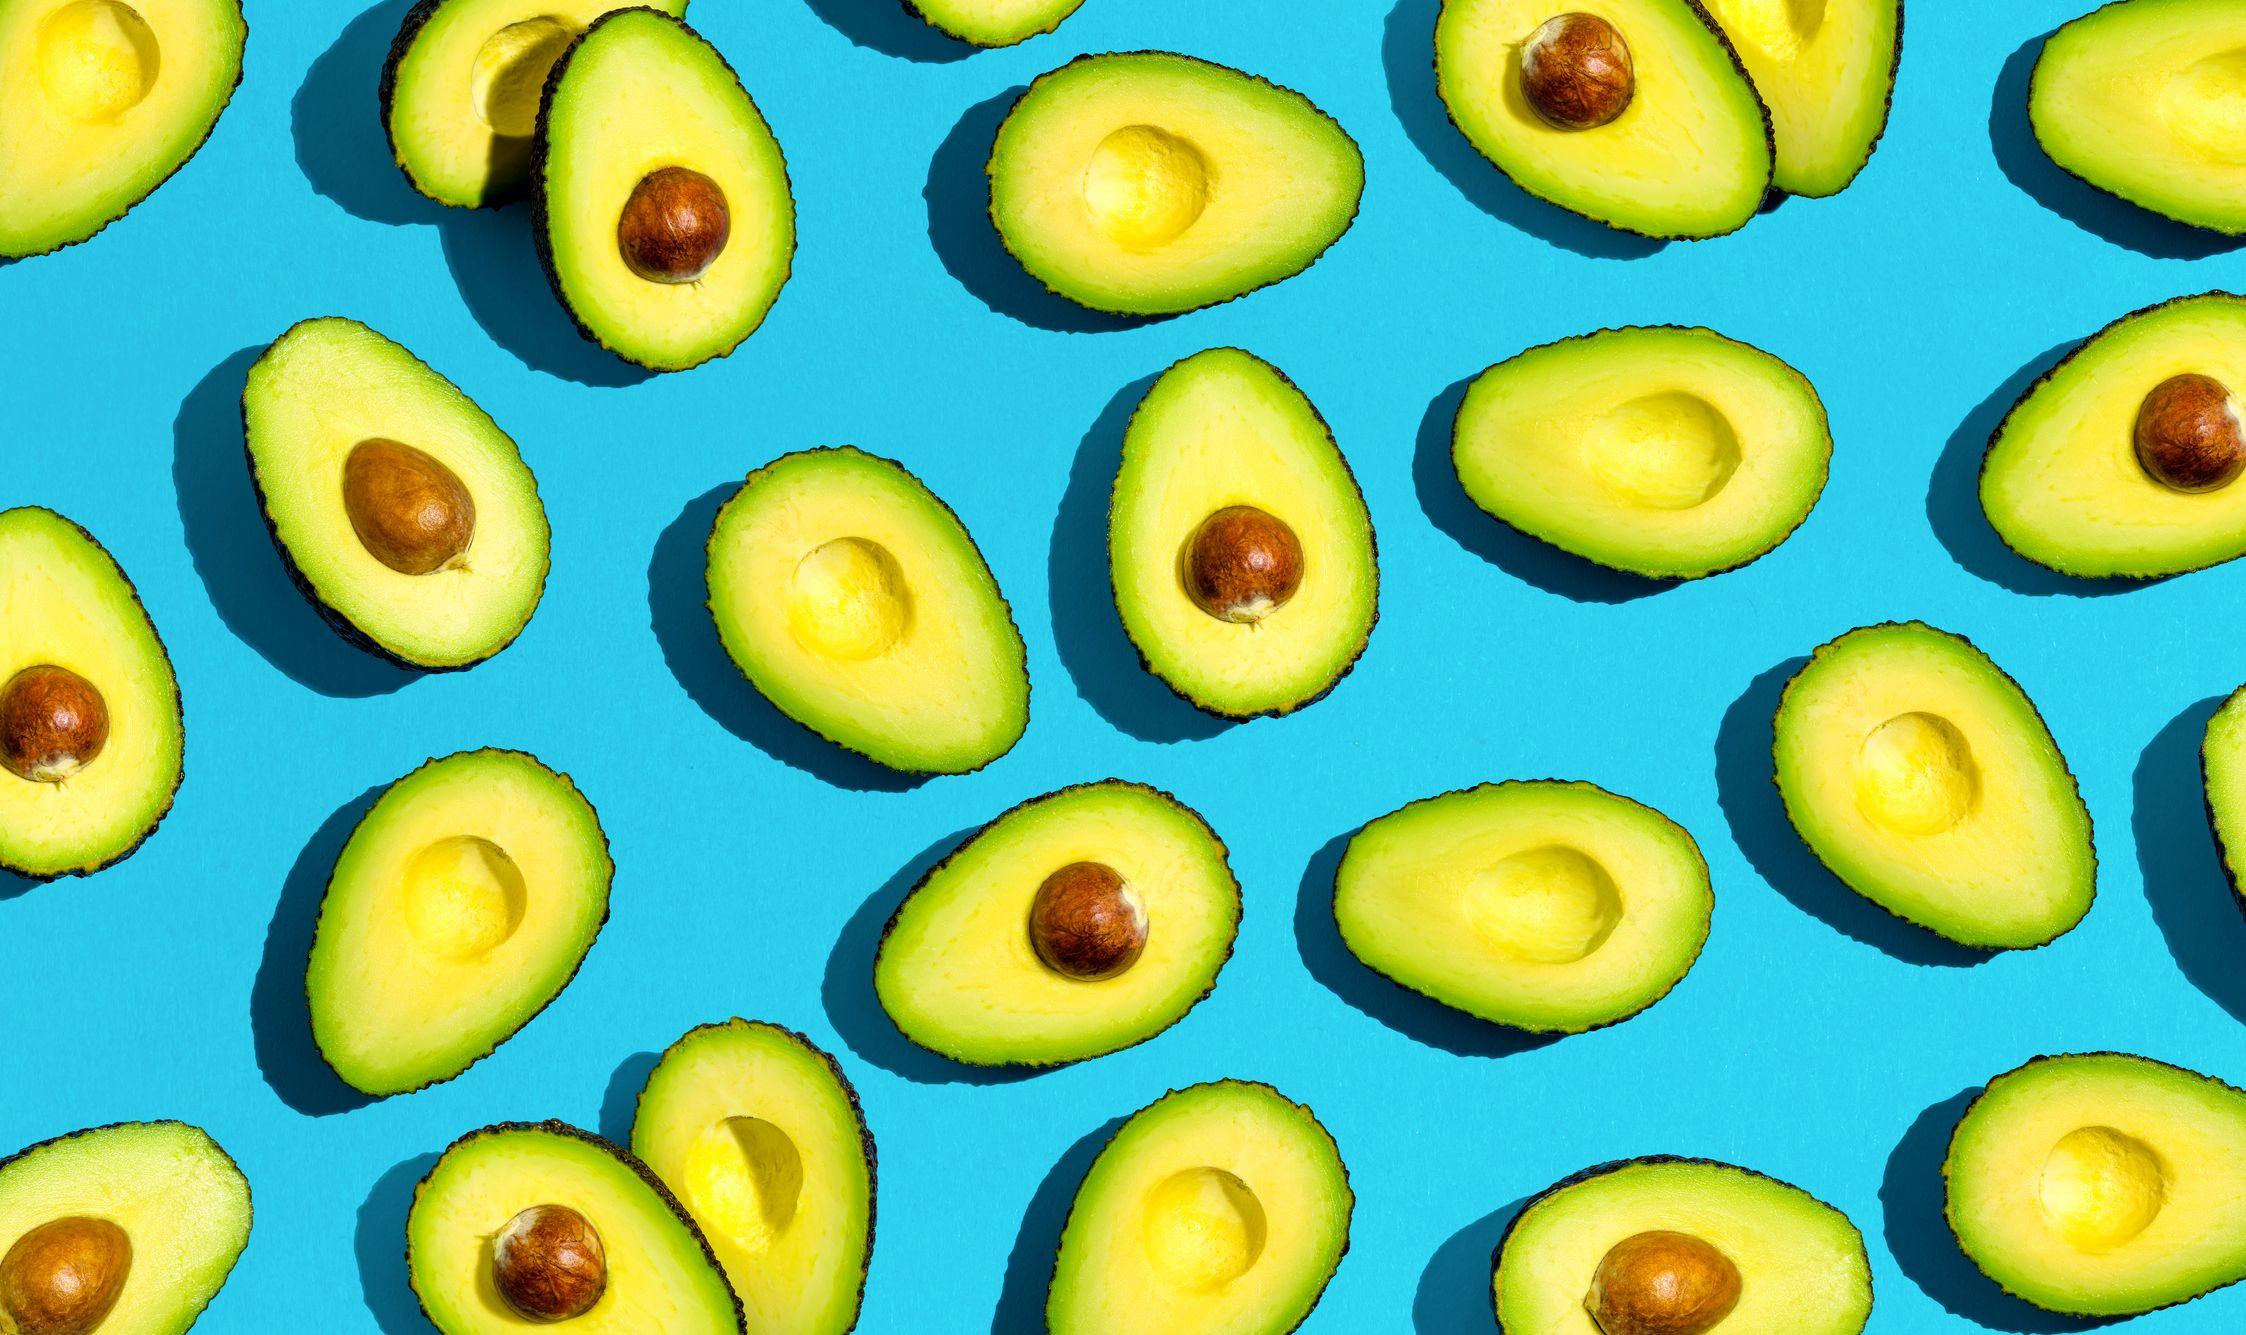 15 High-Fiber Foods You Should Be Eating